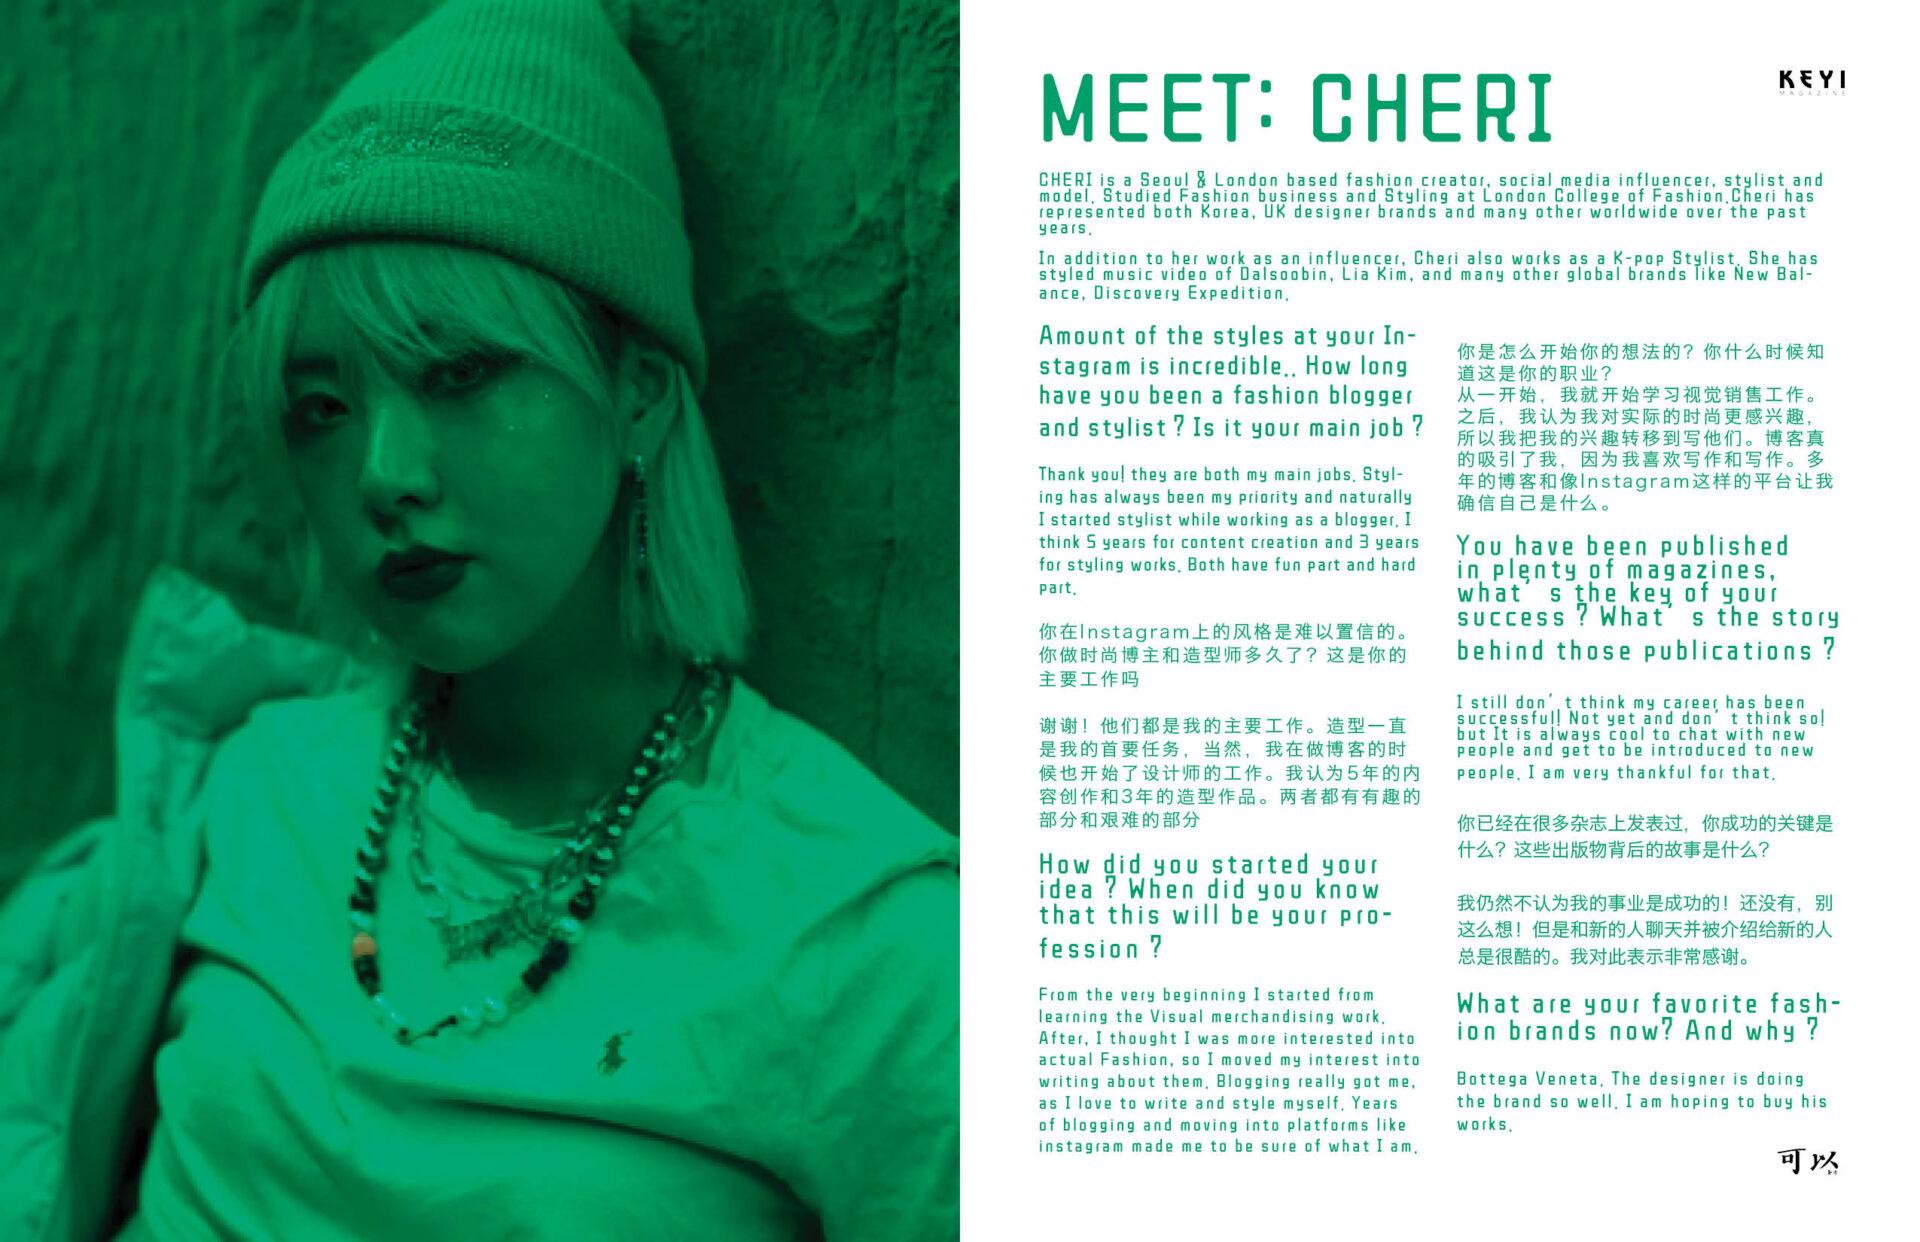 MEET:CHERI by Grzegorz Bacinski & Izabella Chrobok from Seoul styling by CHERI